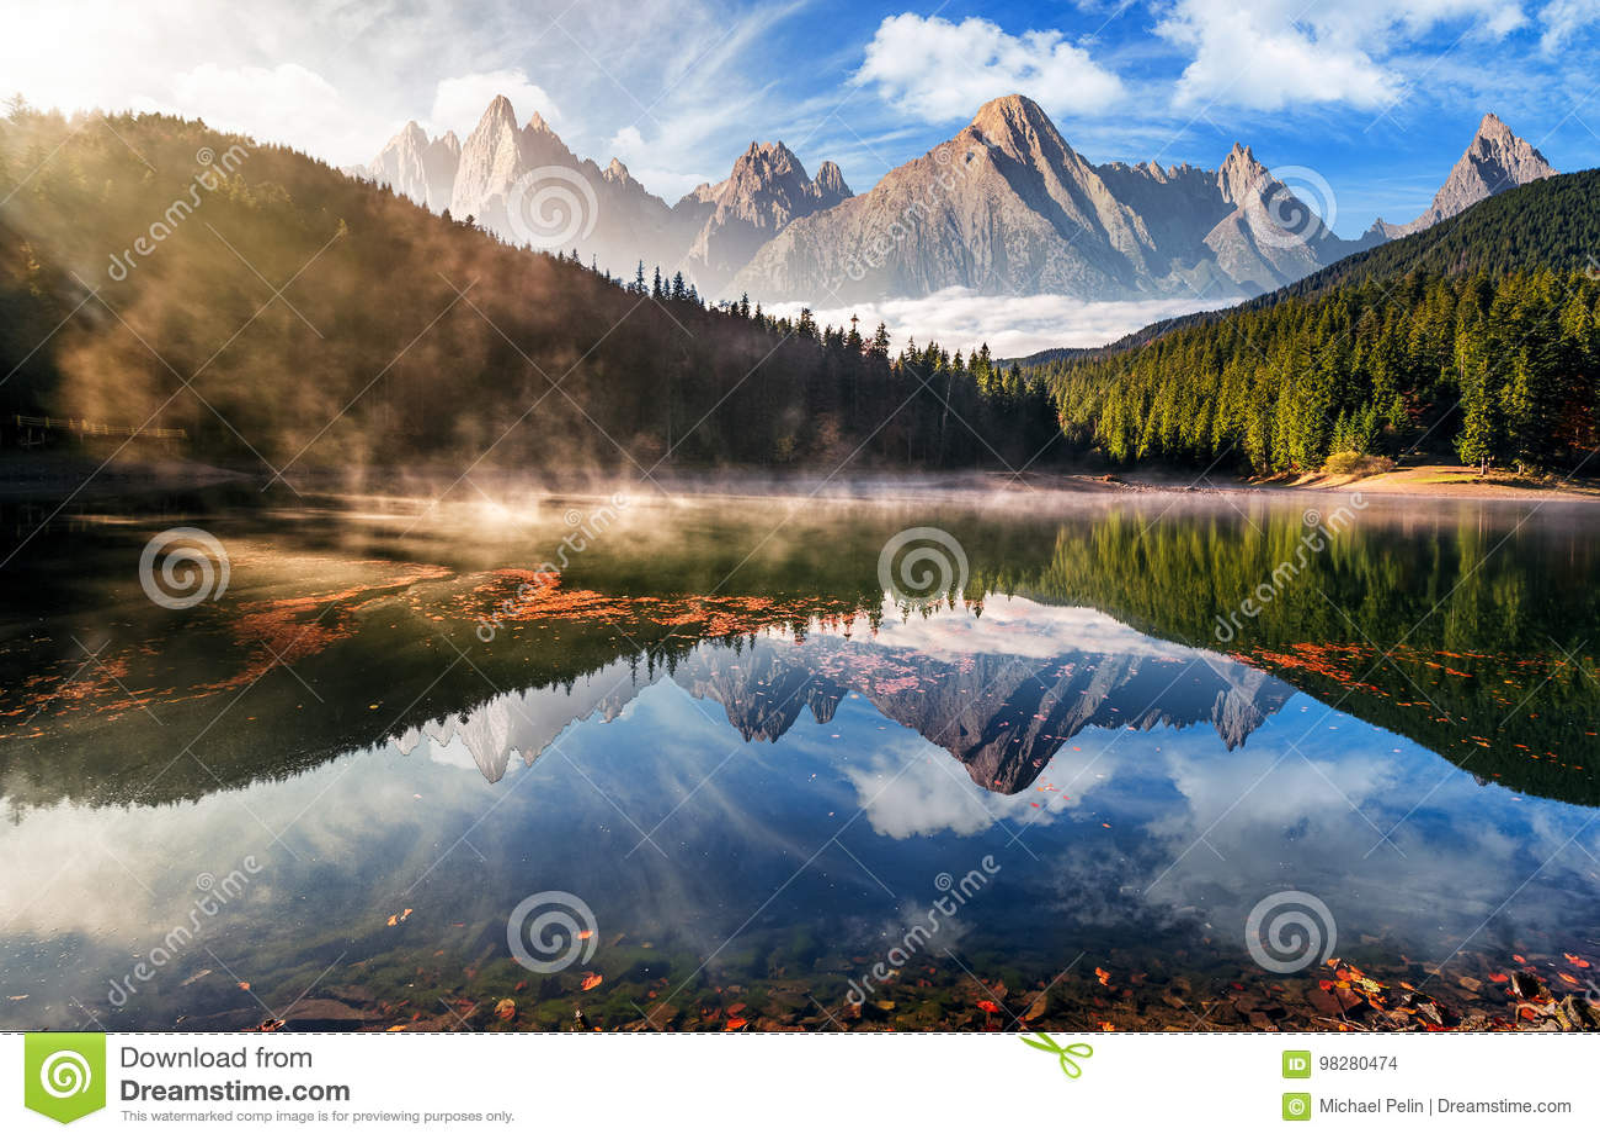 Gorgeous mountain lake in autumn fog